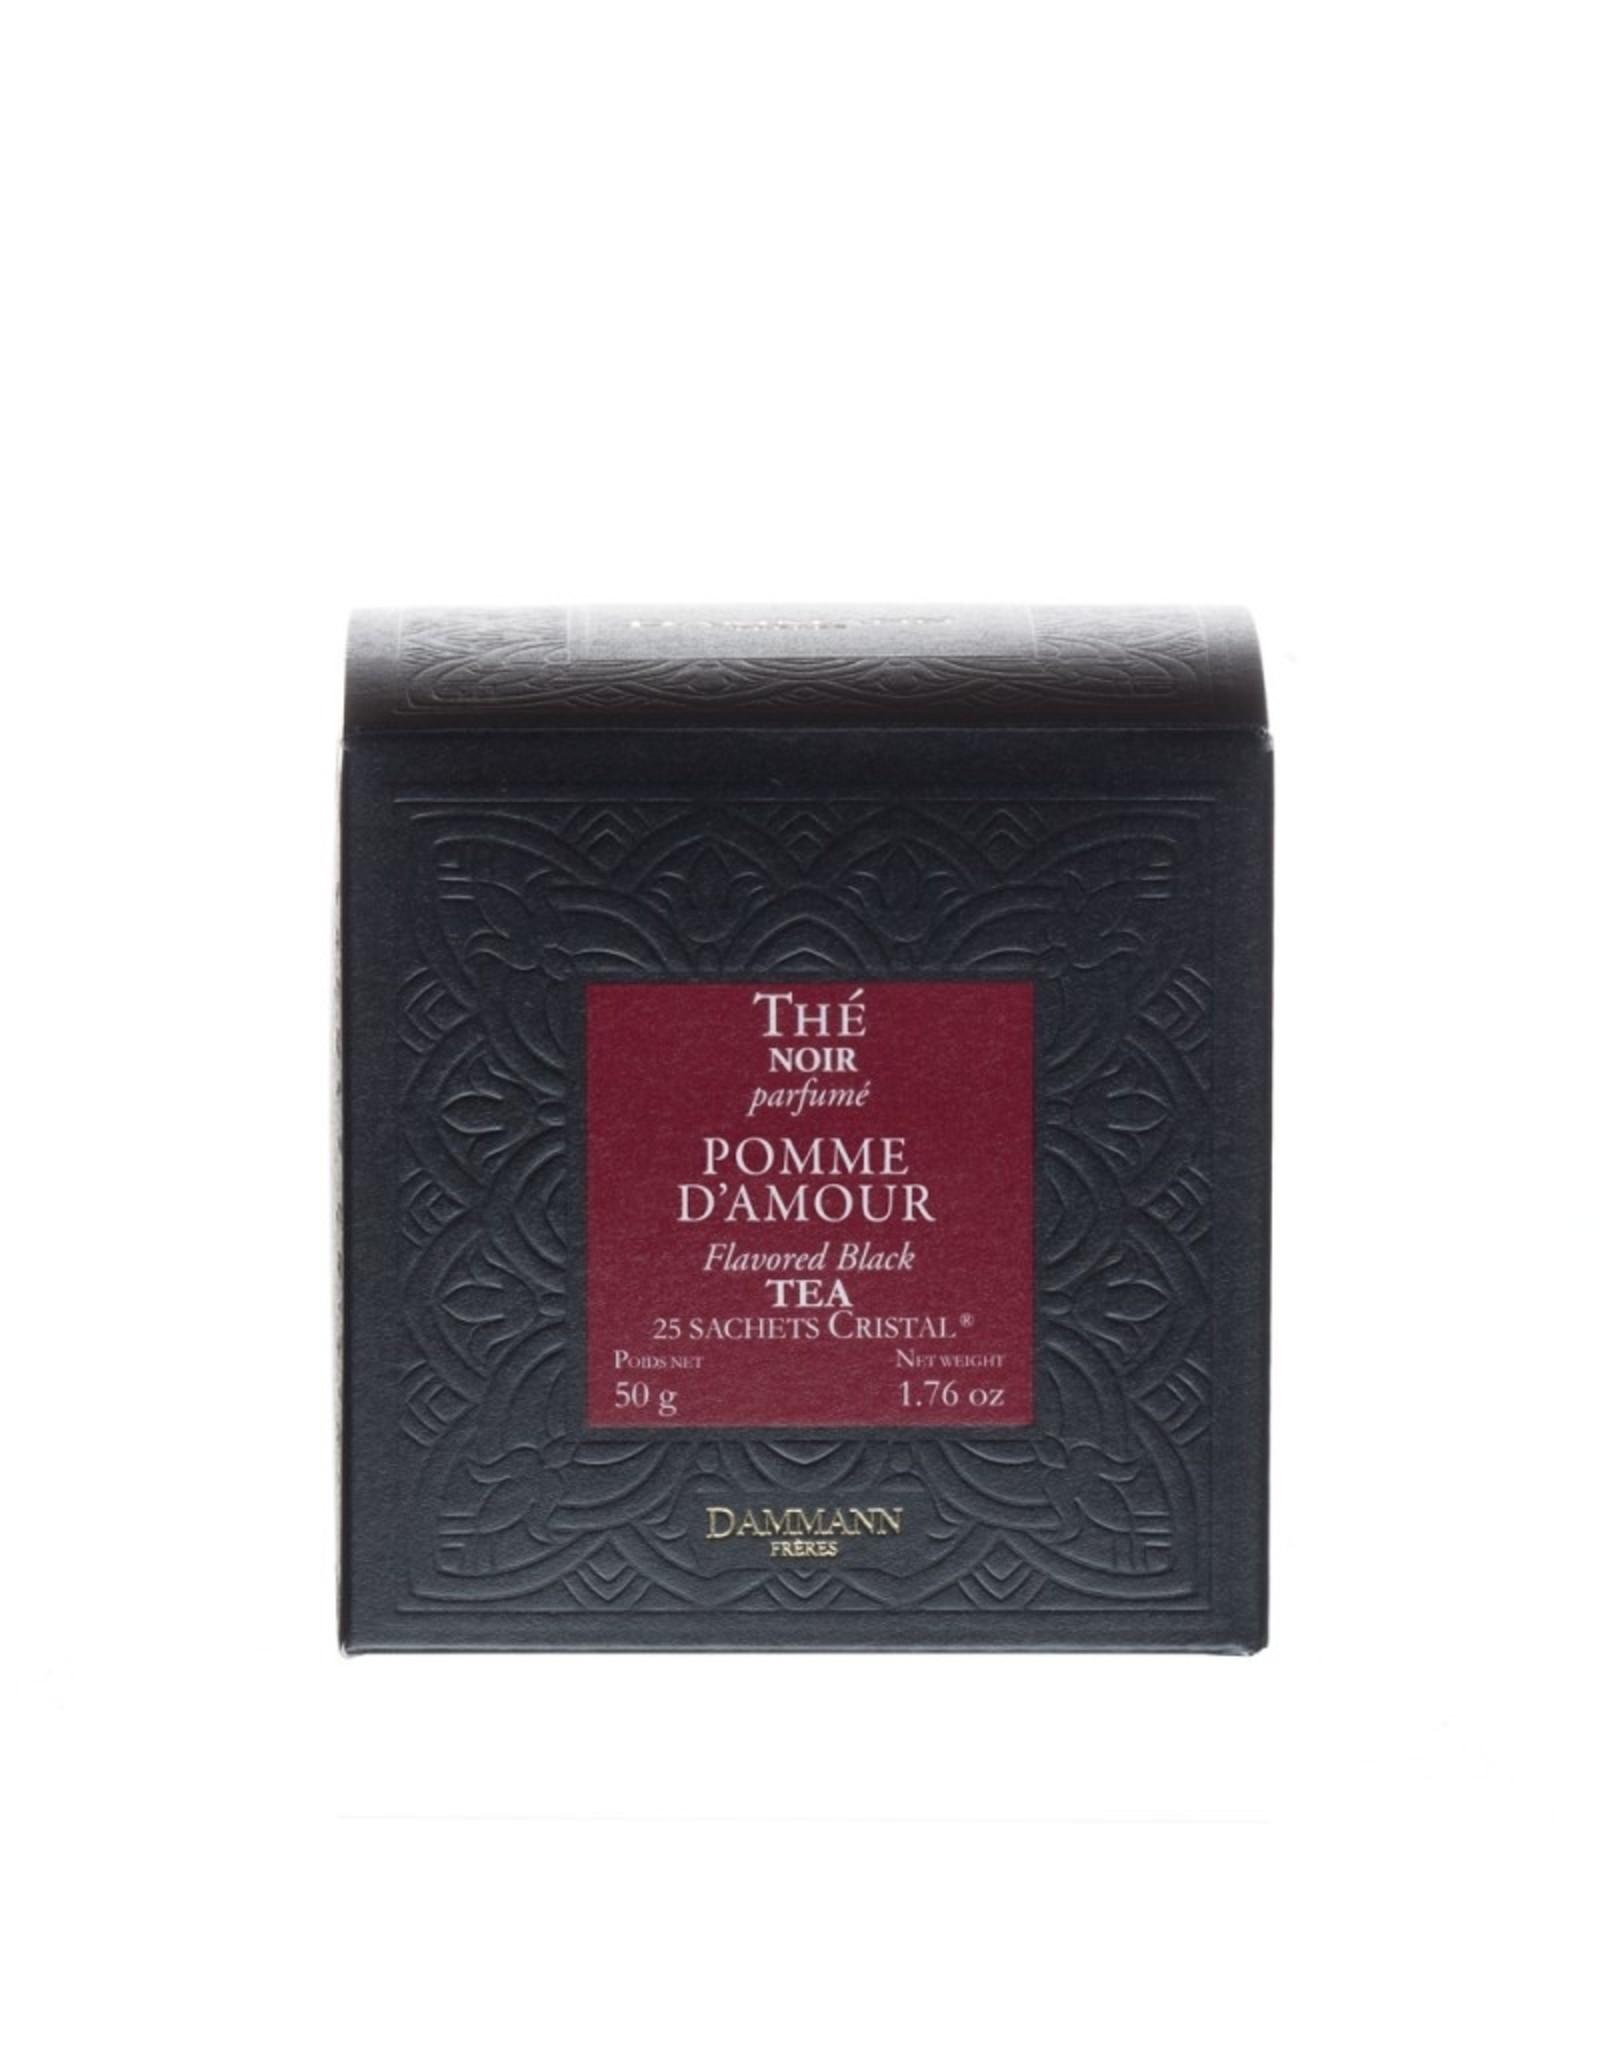 Dammann 'Pomme d'Amour' Flavoured Black tea